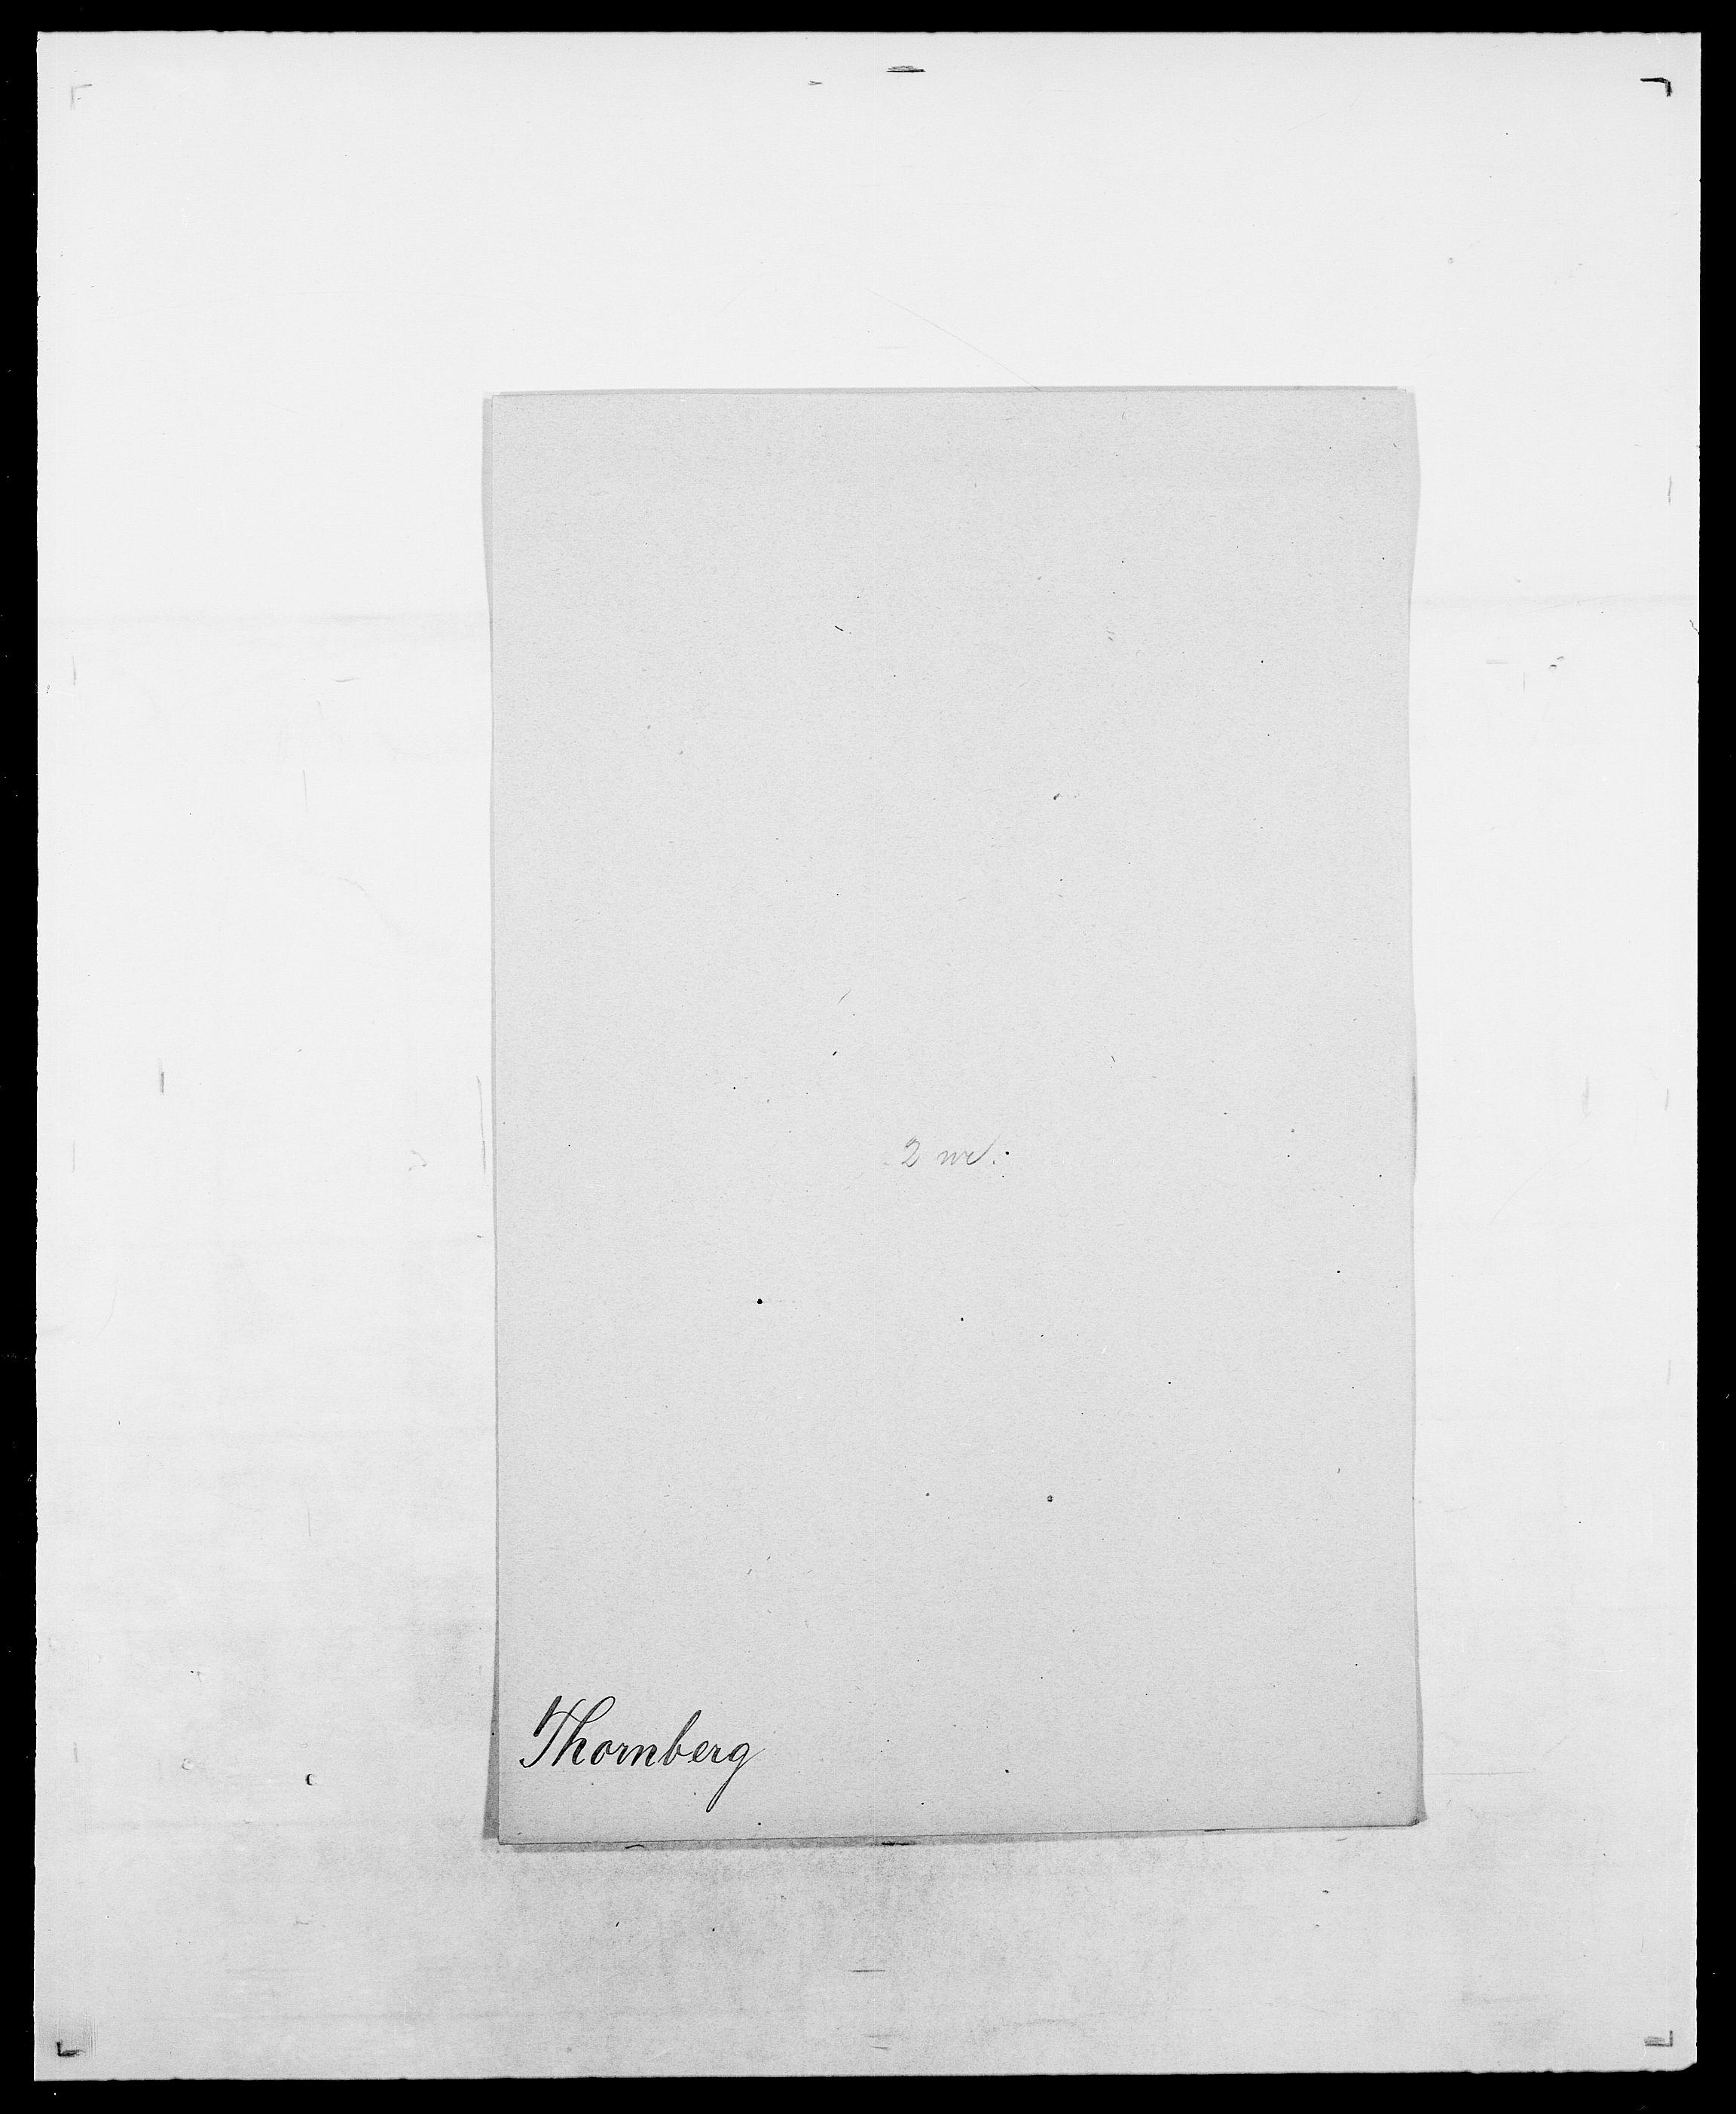 SAO, Delgobe, Charles Antoine - samling, D/Da/L0038: Svanenskjold - Thornsohn, s. 886